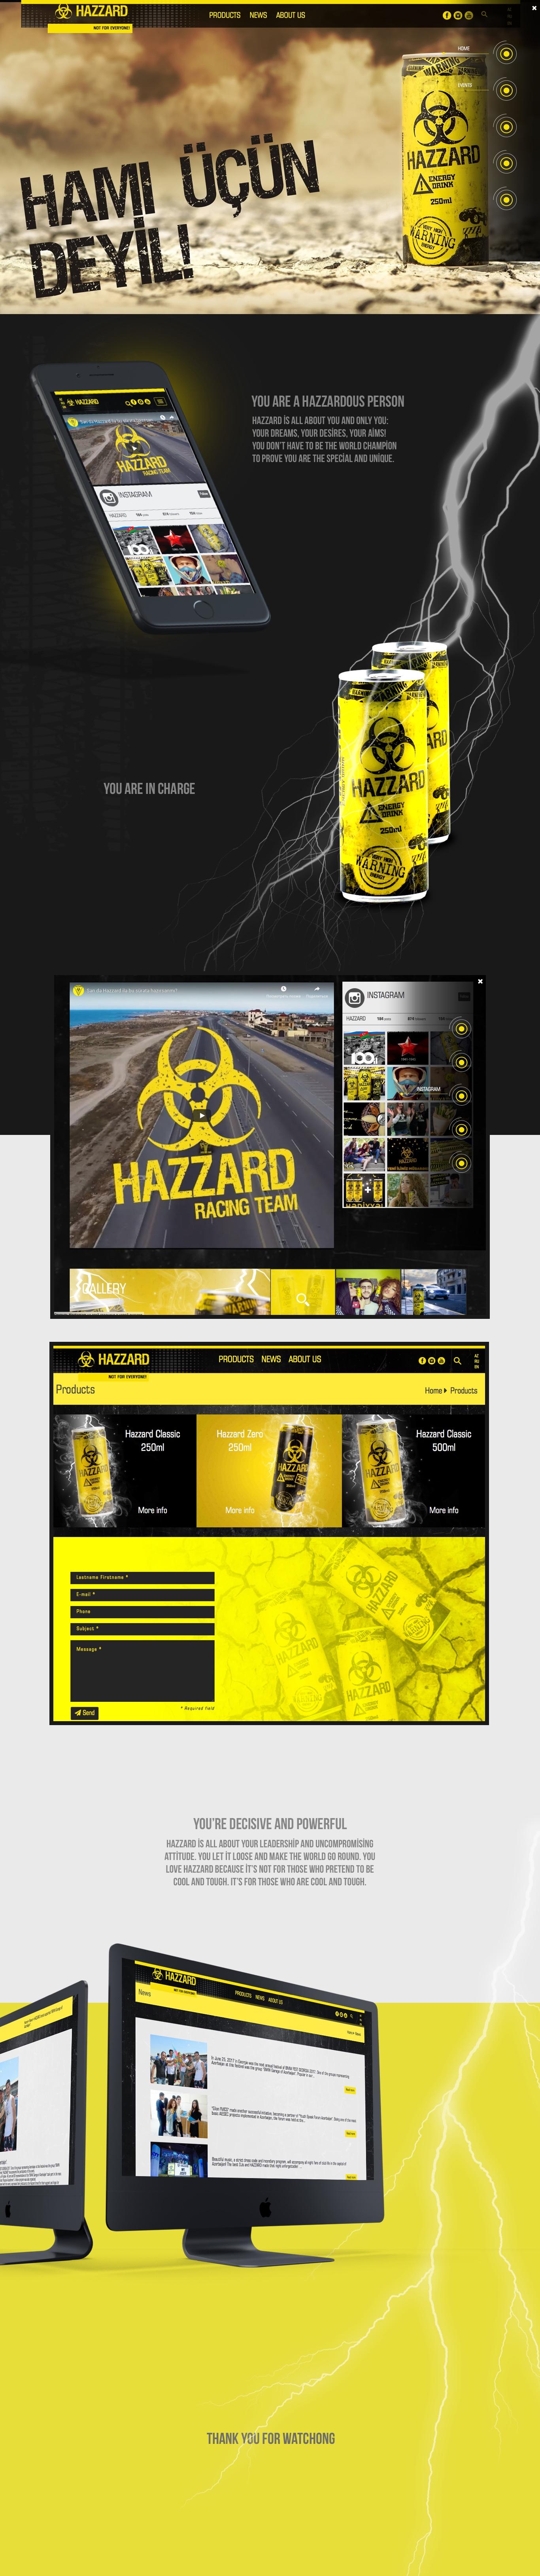 hazzardenergy.com